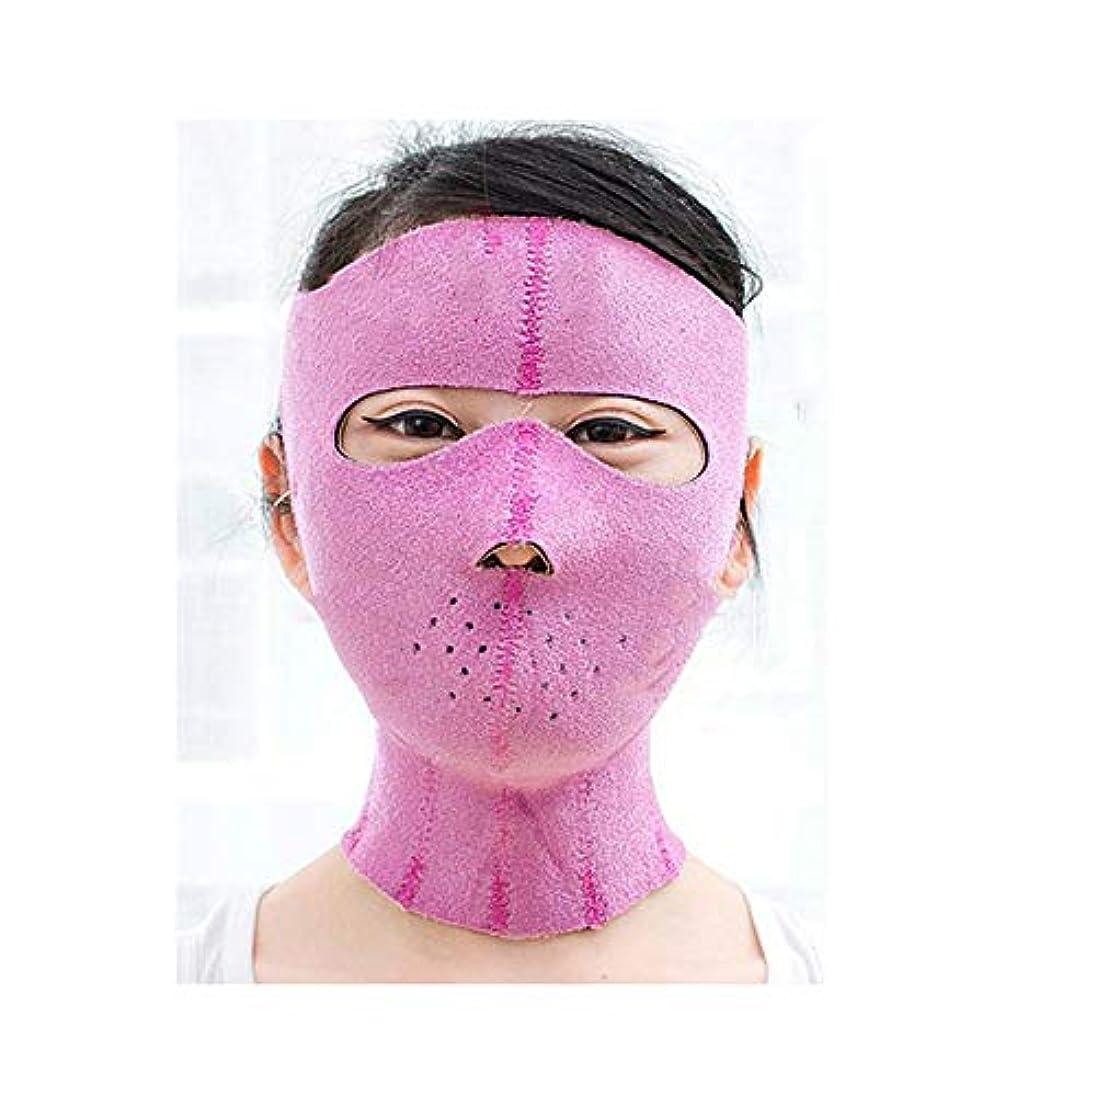 知覚的白菜聖歌フェイスリフティングサウナマスク、ウィッキングフェイス包帯/スモールフェイスアーチファクト/フェイスマスク(ピンク)